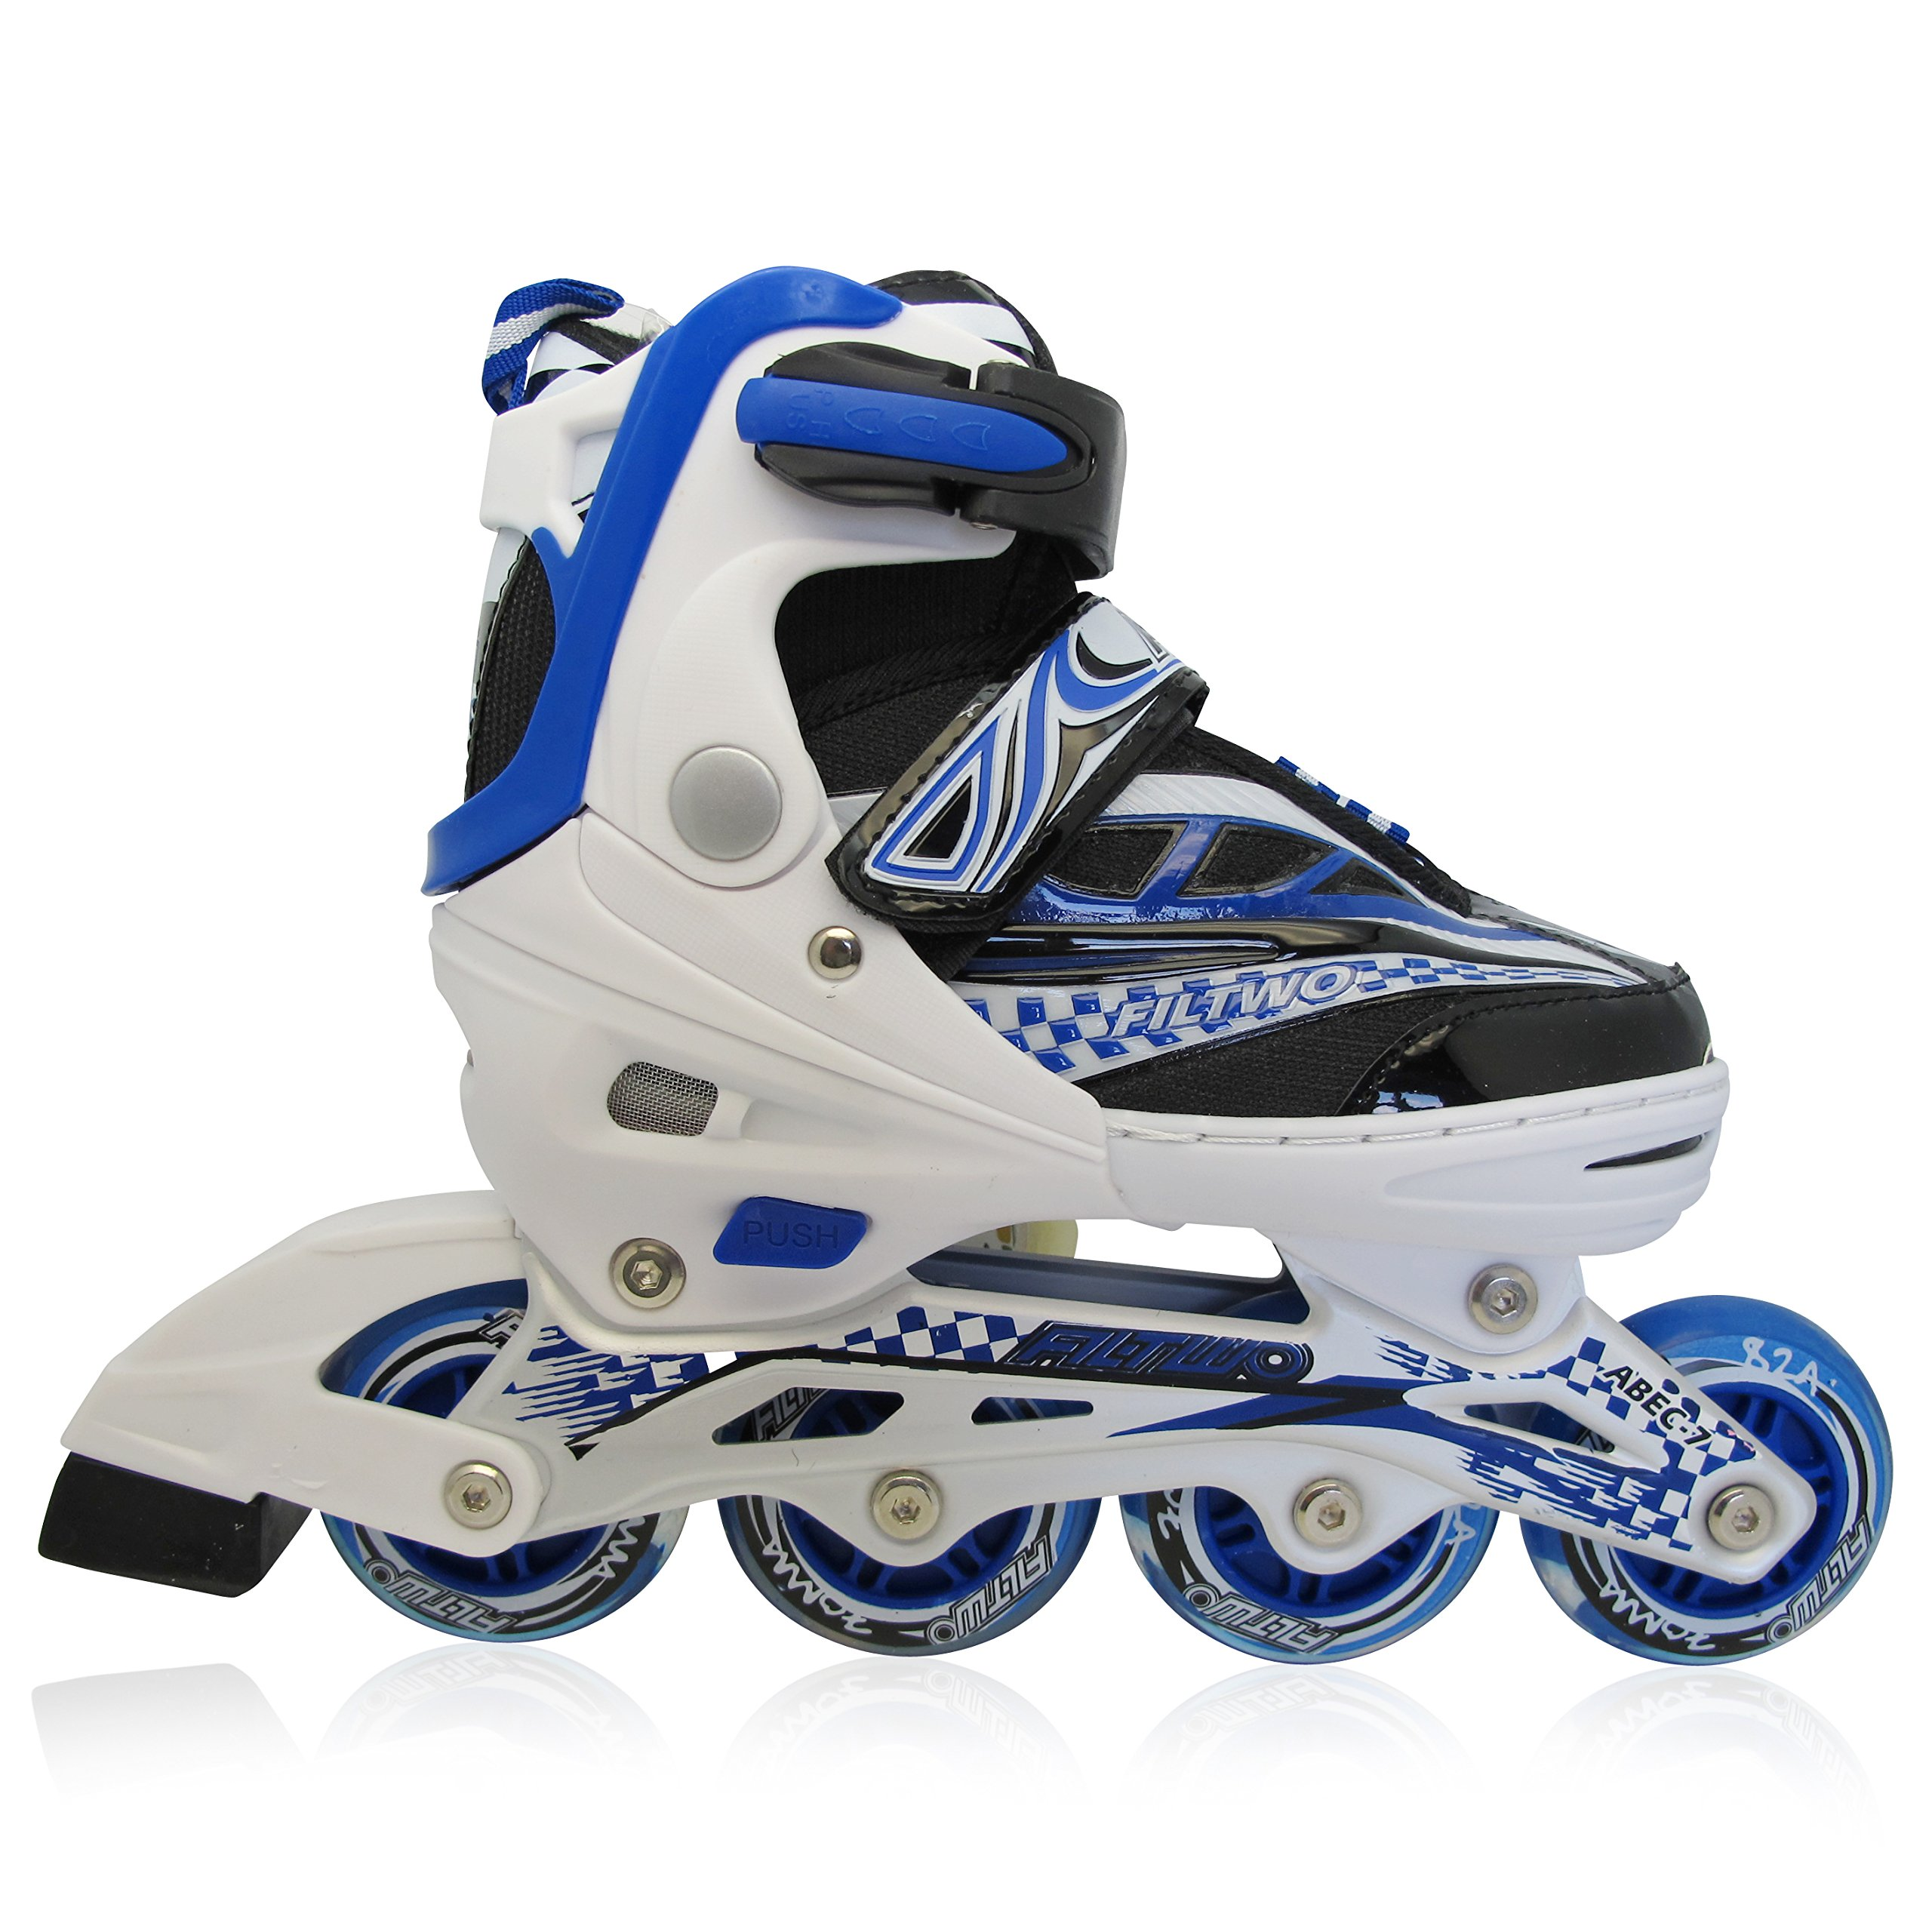 Rollers pour enfants/adolescents, à taille réglable - rouleau Luminous product image